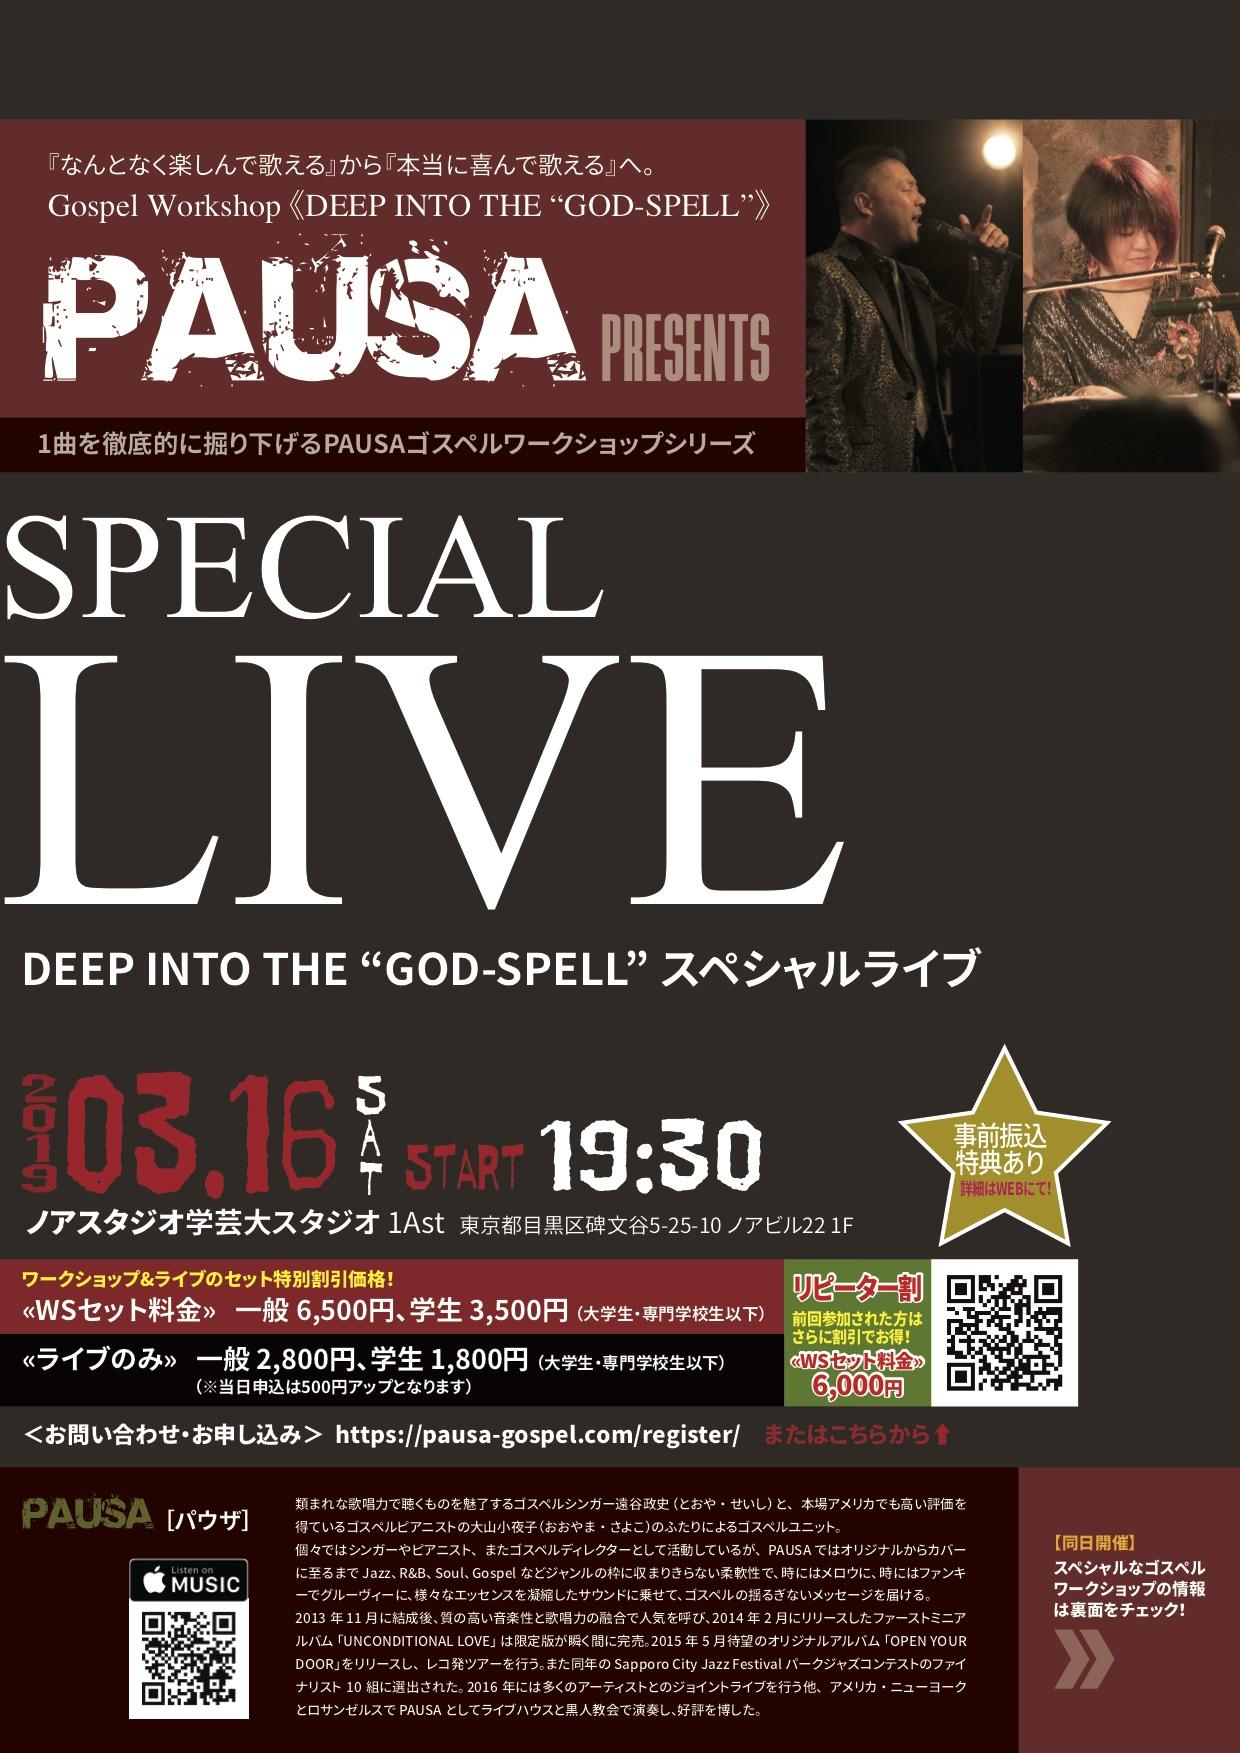 [2019.3.16 SAT] PAUSA スペシャルライブ in 東京